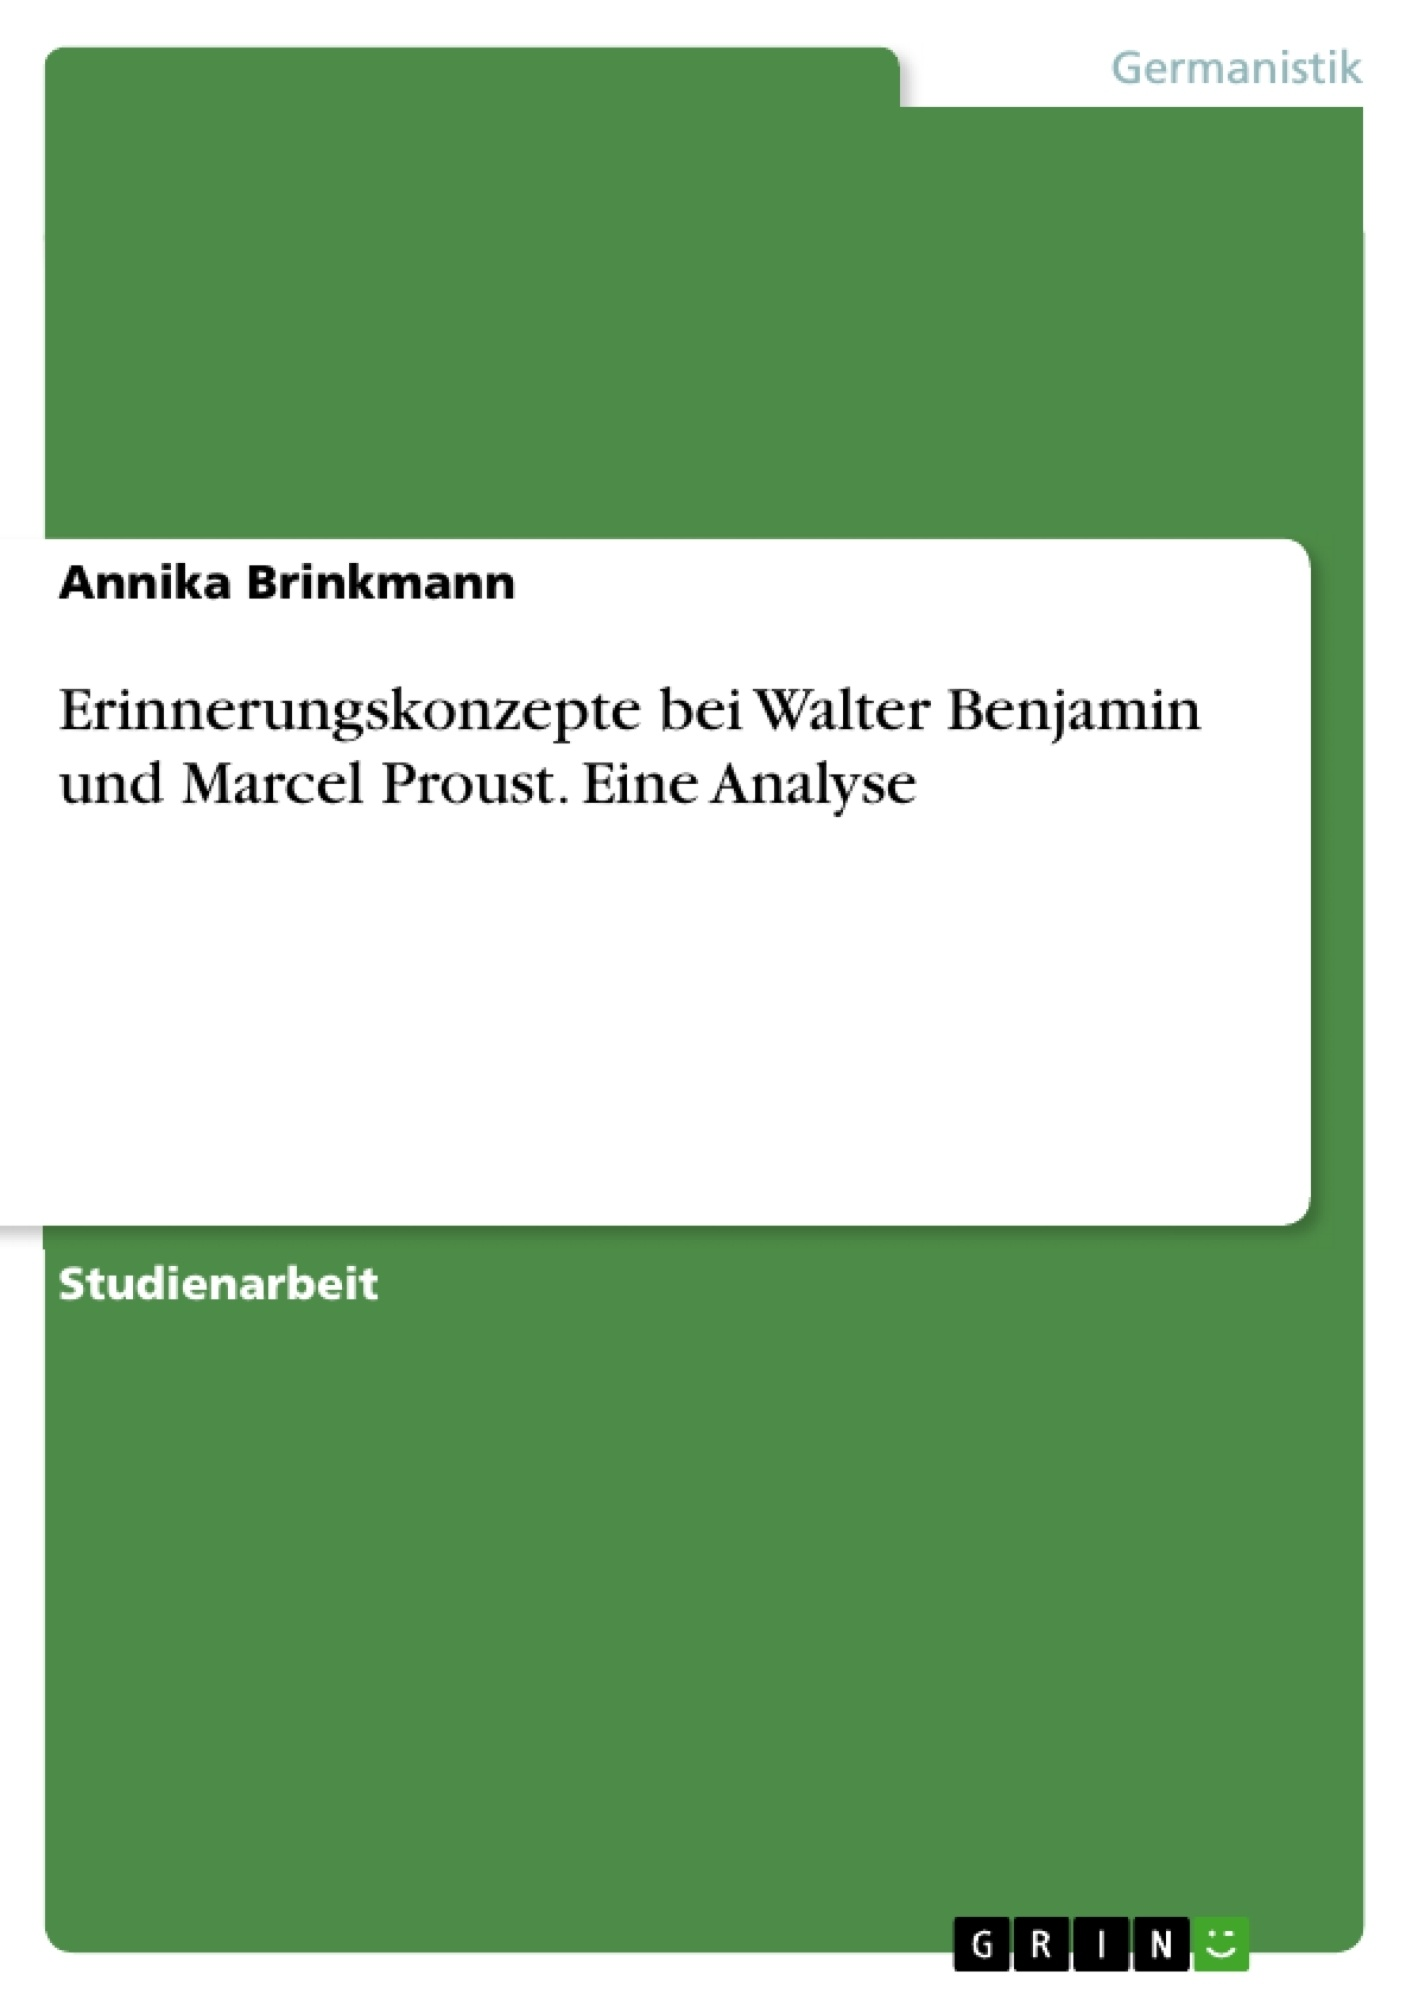 Titel: Erinnerungskonzepte bei Walter Benjamin und Marcel Proust. Eine Analyse